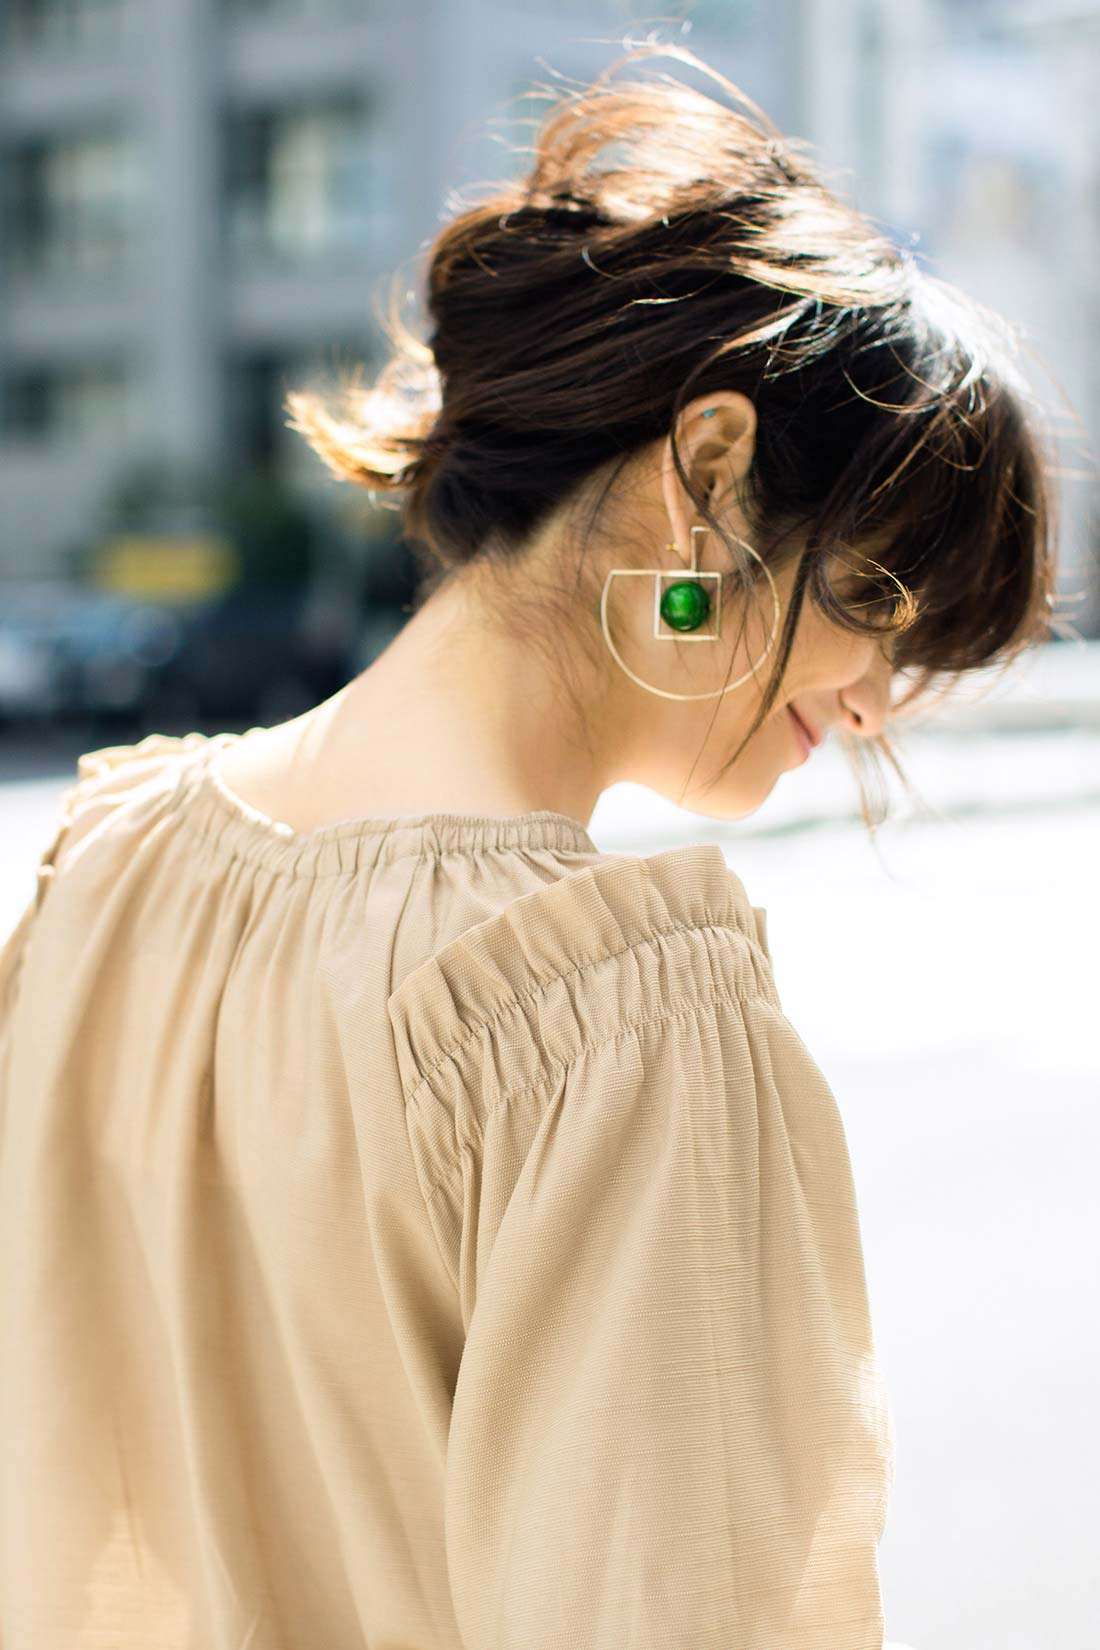 後ろ姿も衿ぐりのゴム&ギャザーで印象的に。 ※着用イメージです。お届けするカラーとは異なります。